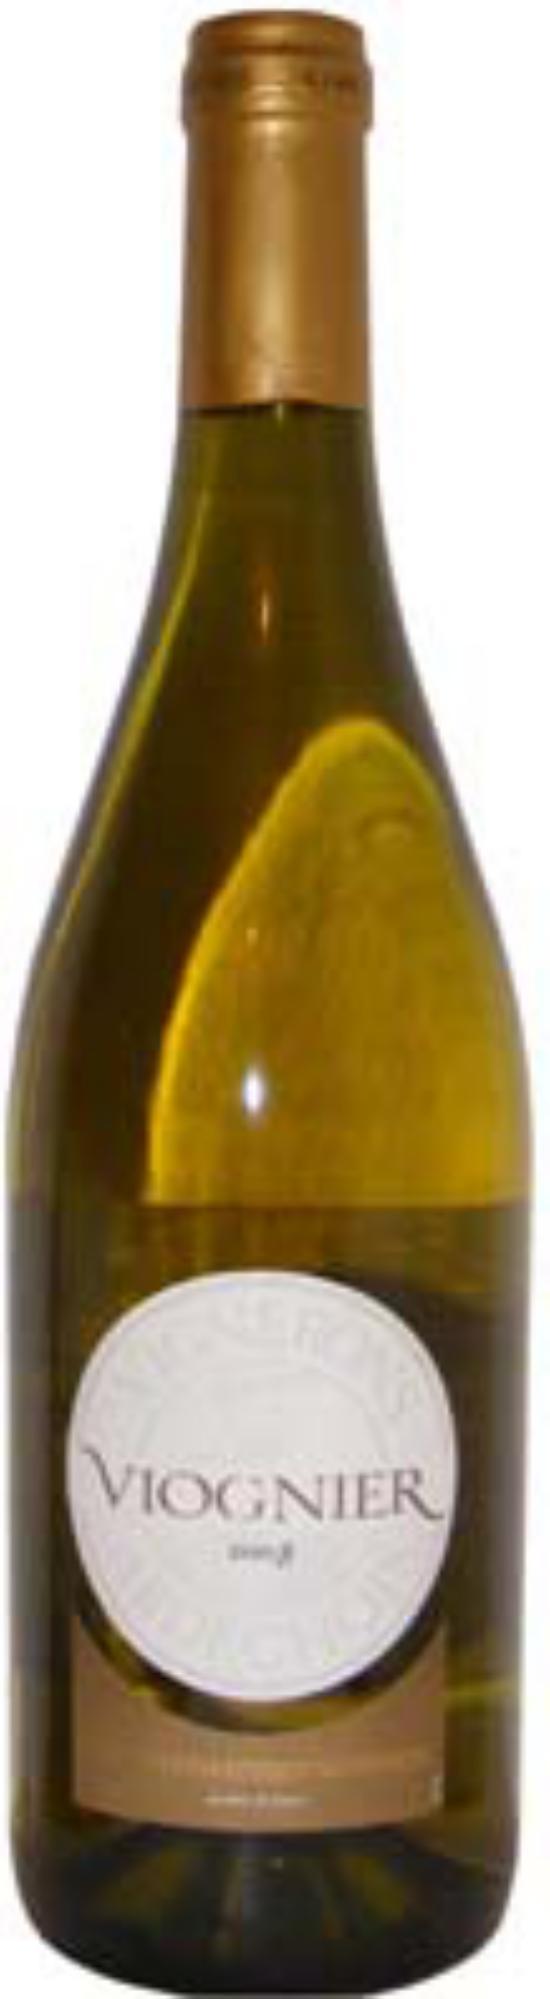 Côtes-du-Vivarais Orgnac l'Aven